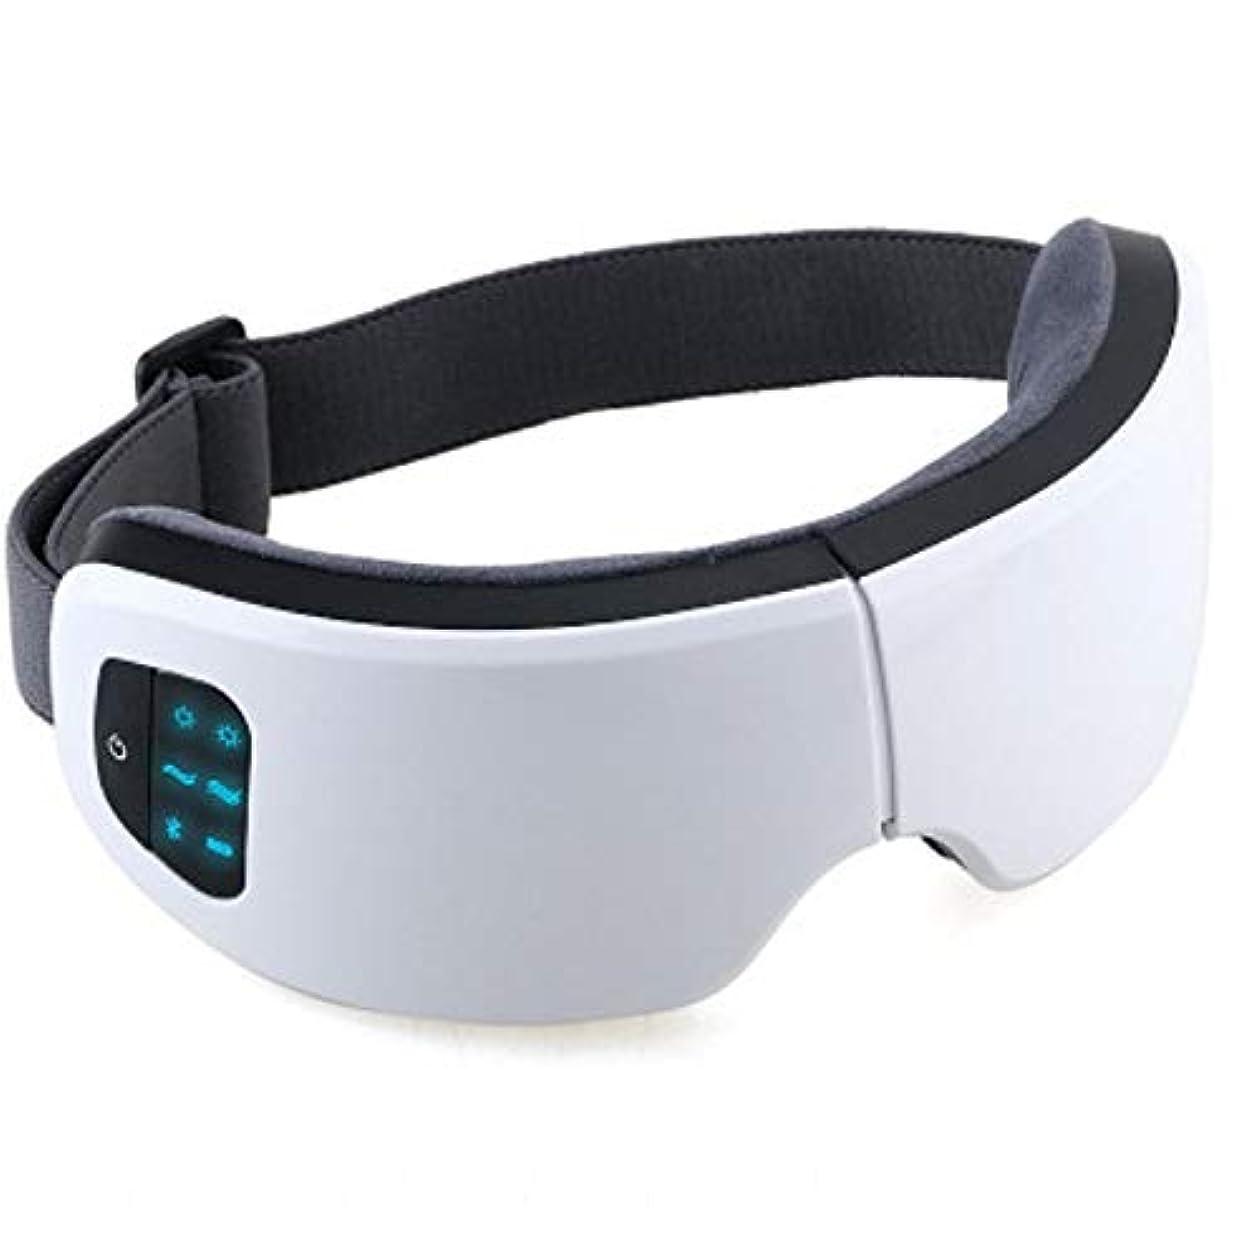 現像ジャムお手伝いさんMeet now 高度の目のマッサージャー、暖房モードの無線再充電可能な折る目のマッサージャー 品質保証